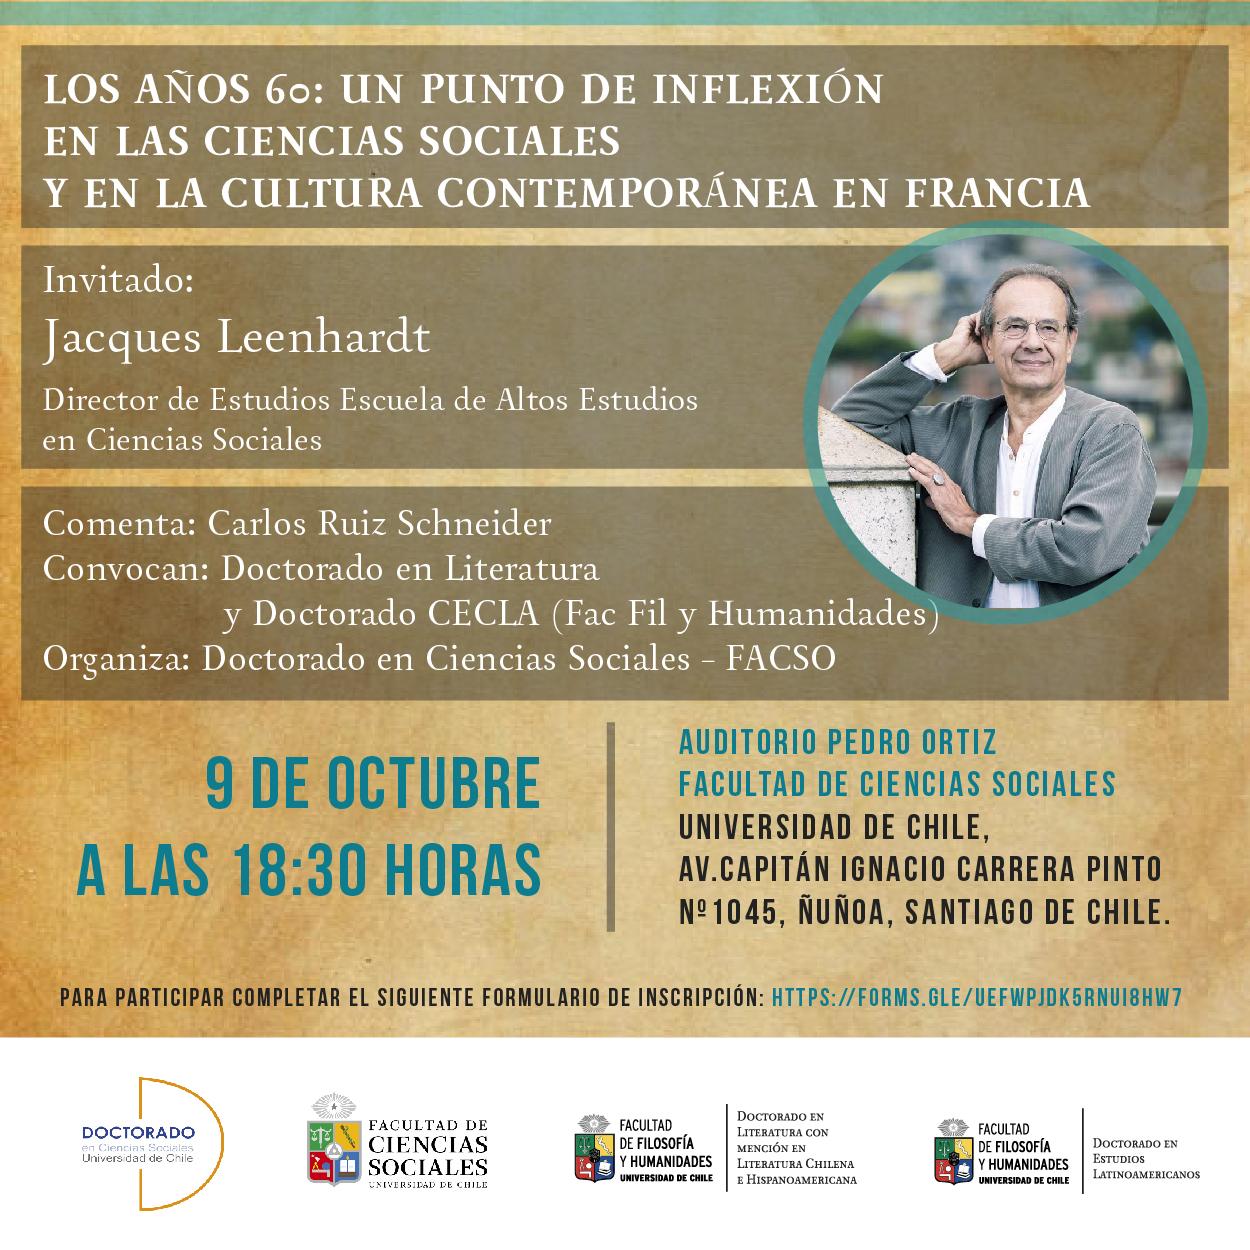 Conferencia del profesor Jacques Leenhardt